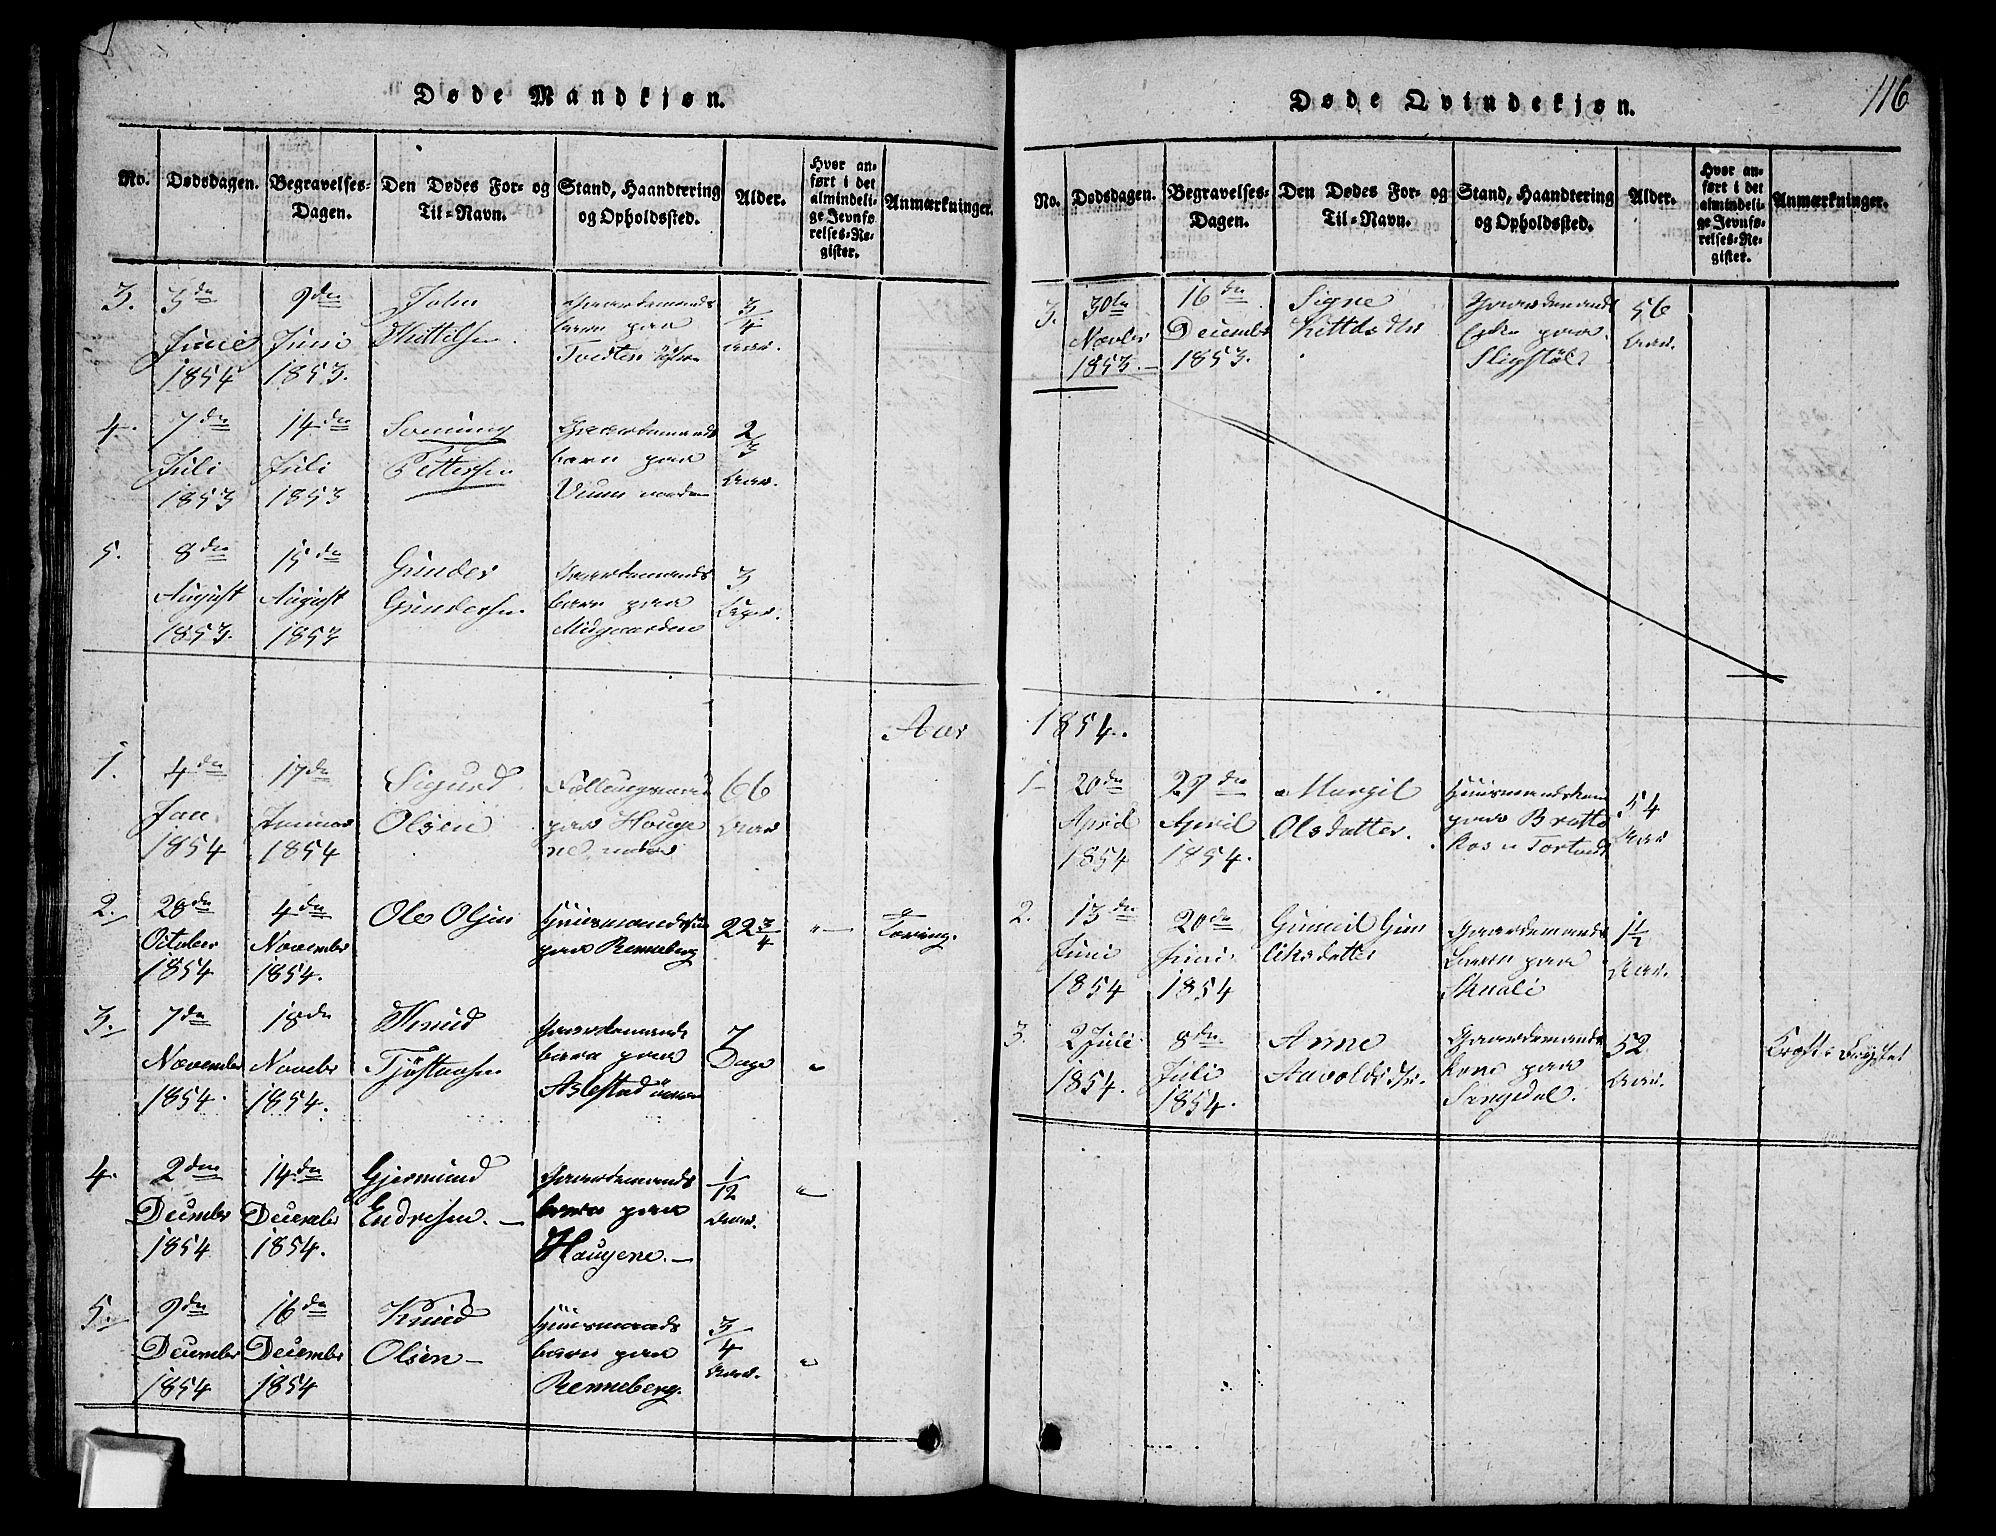 SAKO, Fyresdal kirkebøker, G/Ga/L0003: Klokkerbok nr. I 3, 1815-1863, s. 116